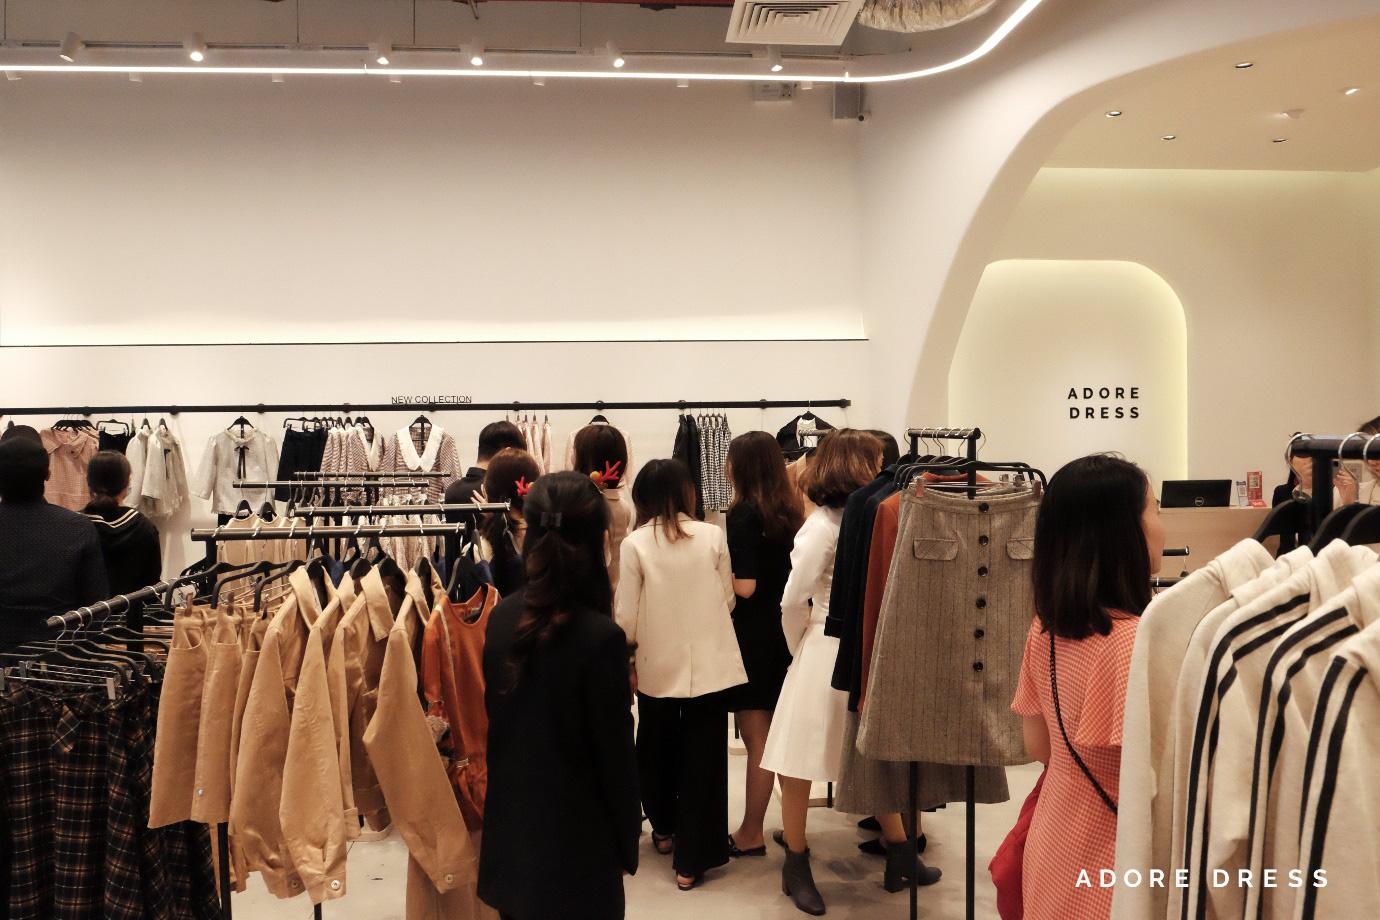 Adore Dress rộn ràng khai trương 2 cửa hàng mới tại Ocean Park Hà Nội và Aeon Mall Hải Phòng - Ảnh 3.